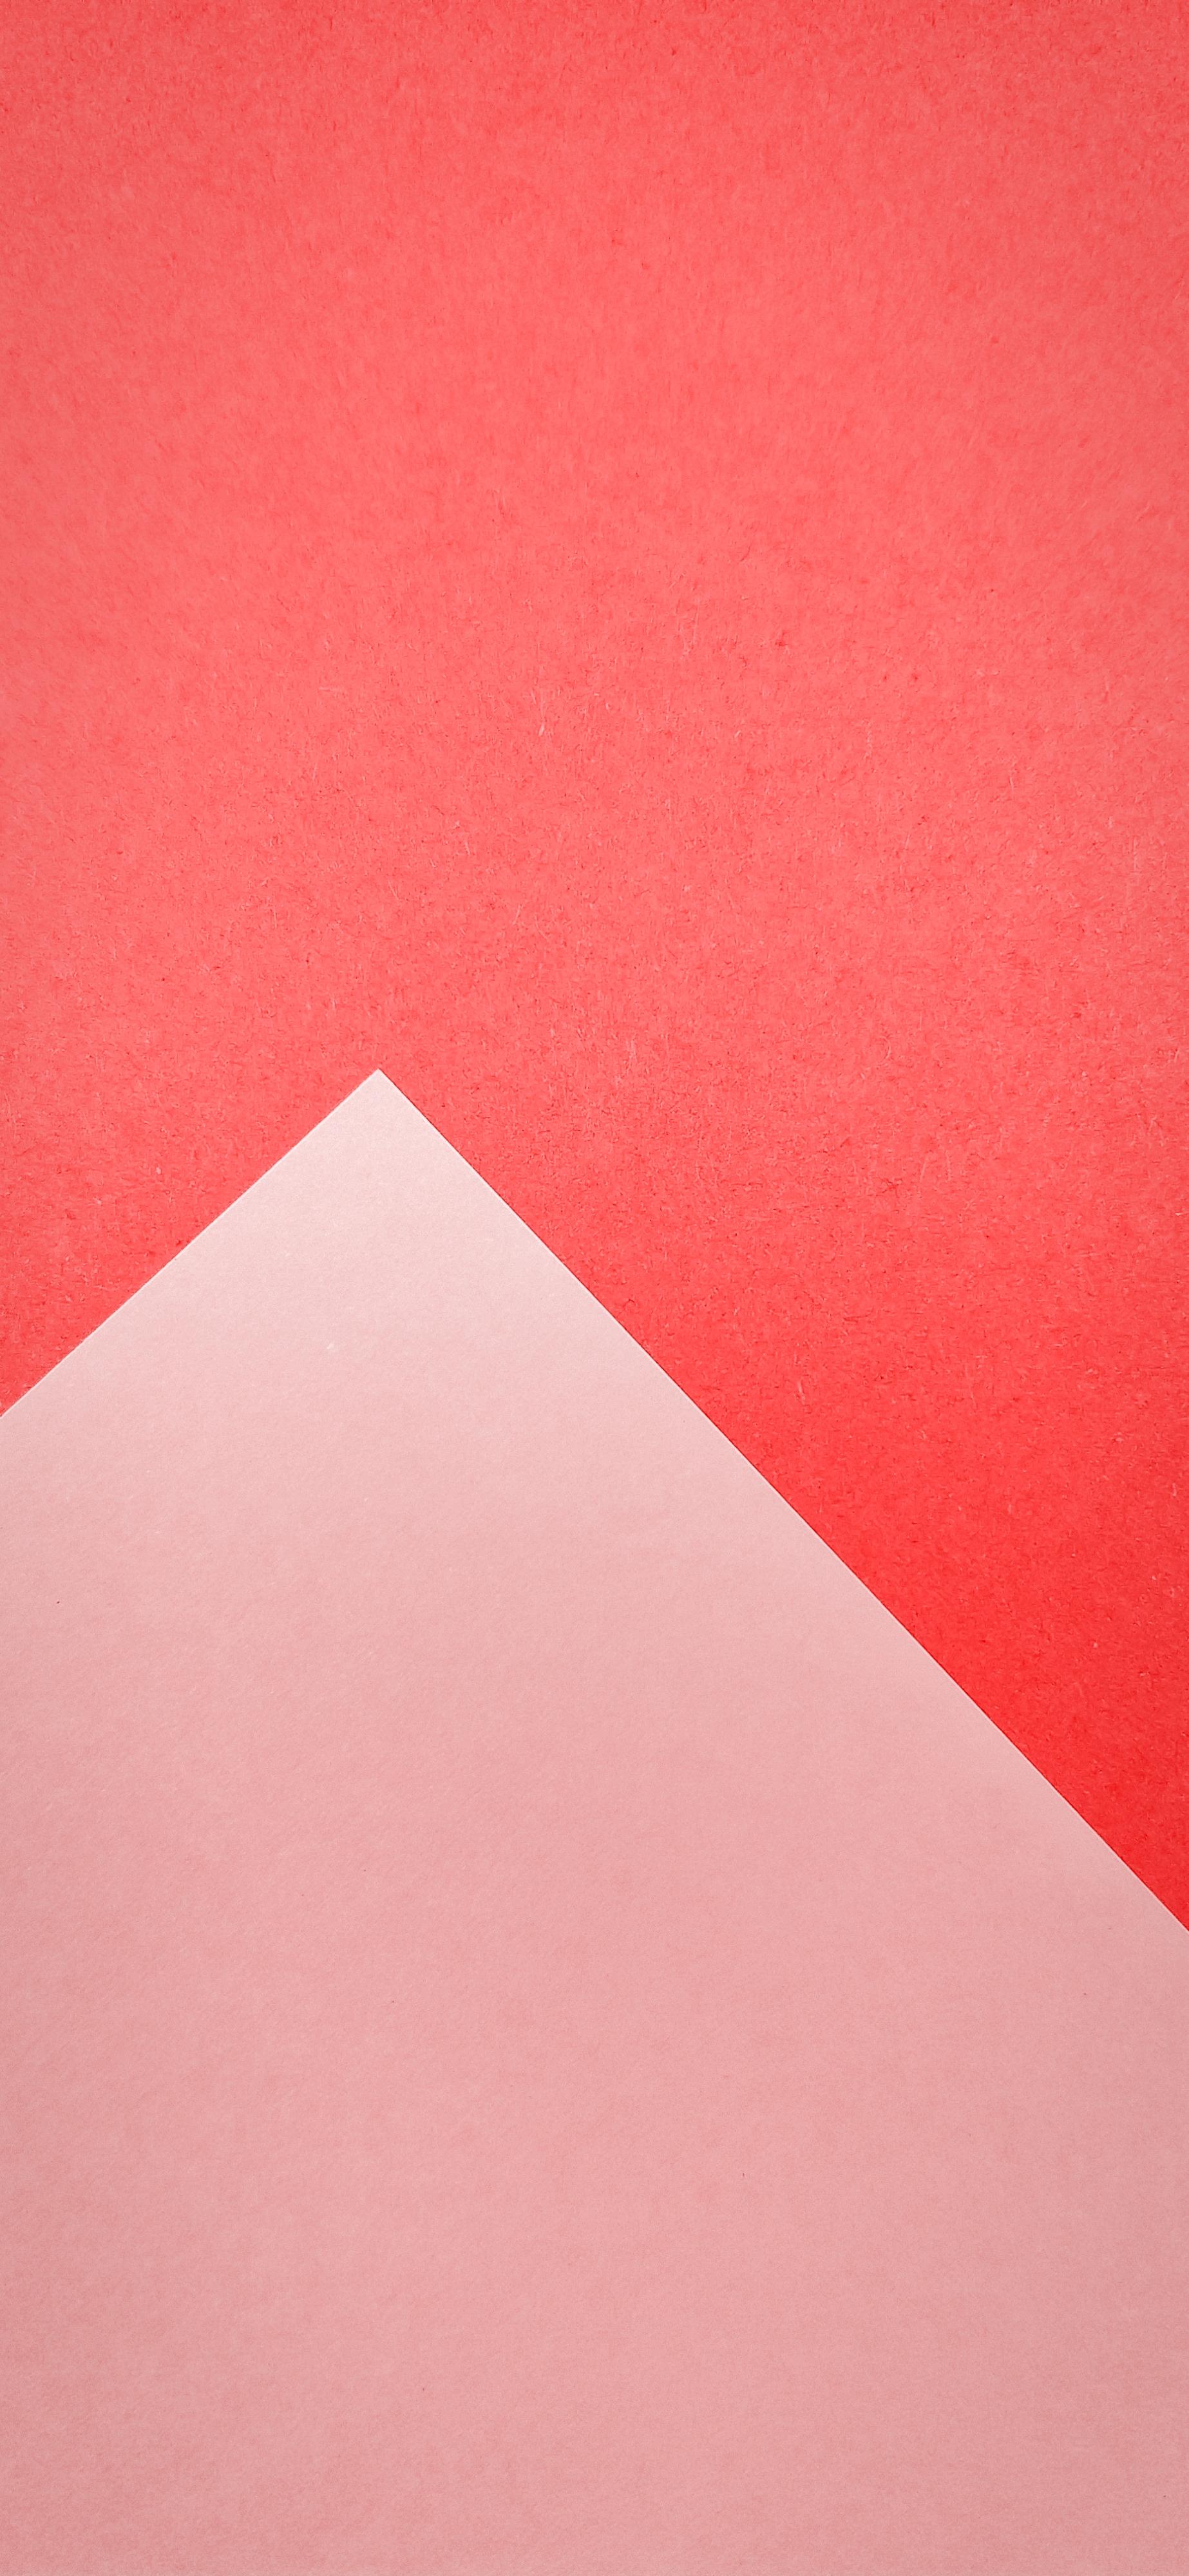 coral geometric wallpaper IPHONE X, XR, XS, XS MAX - V86 - JFL